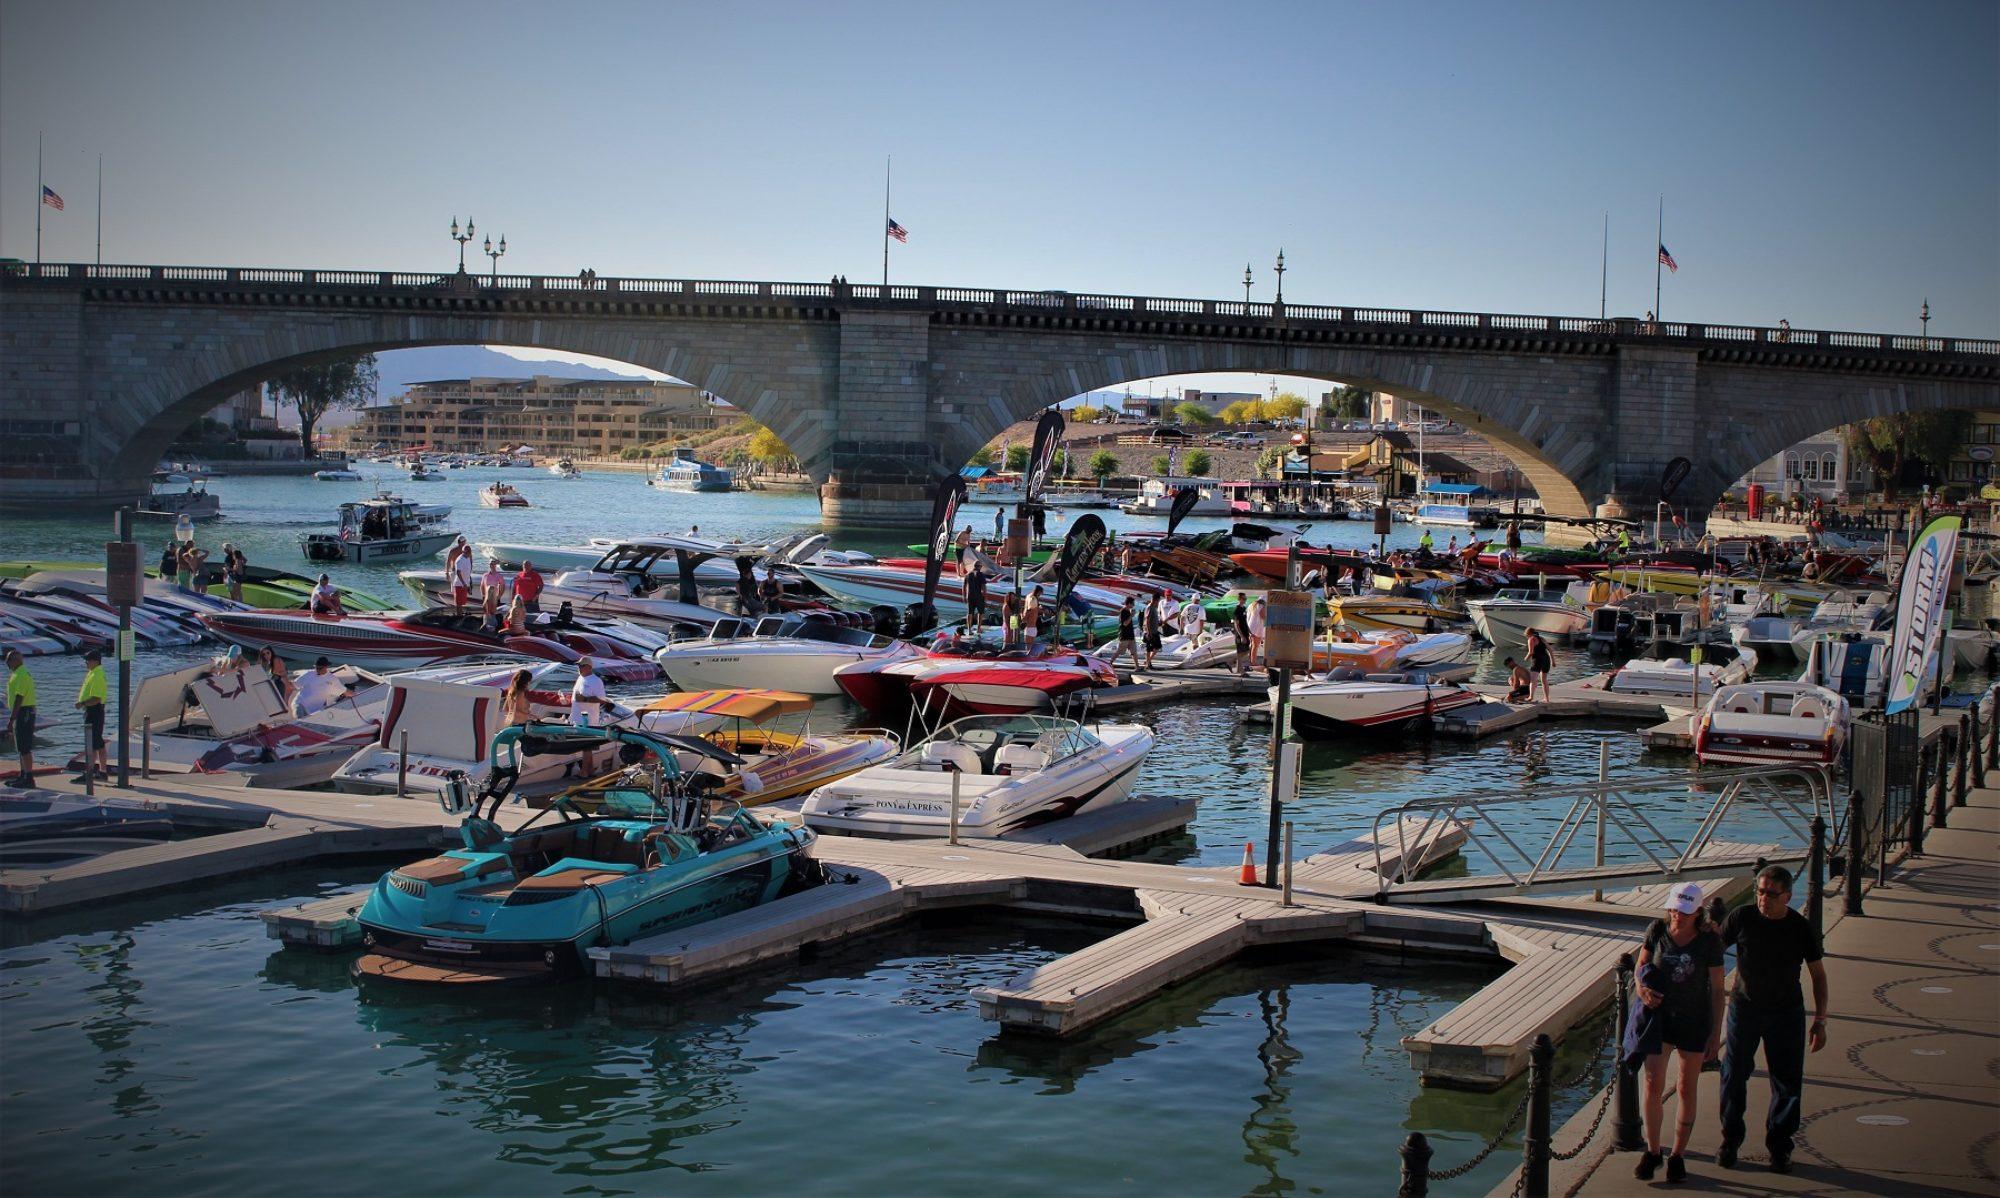 AZ Hot Boats